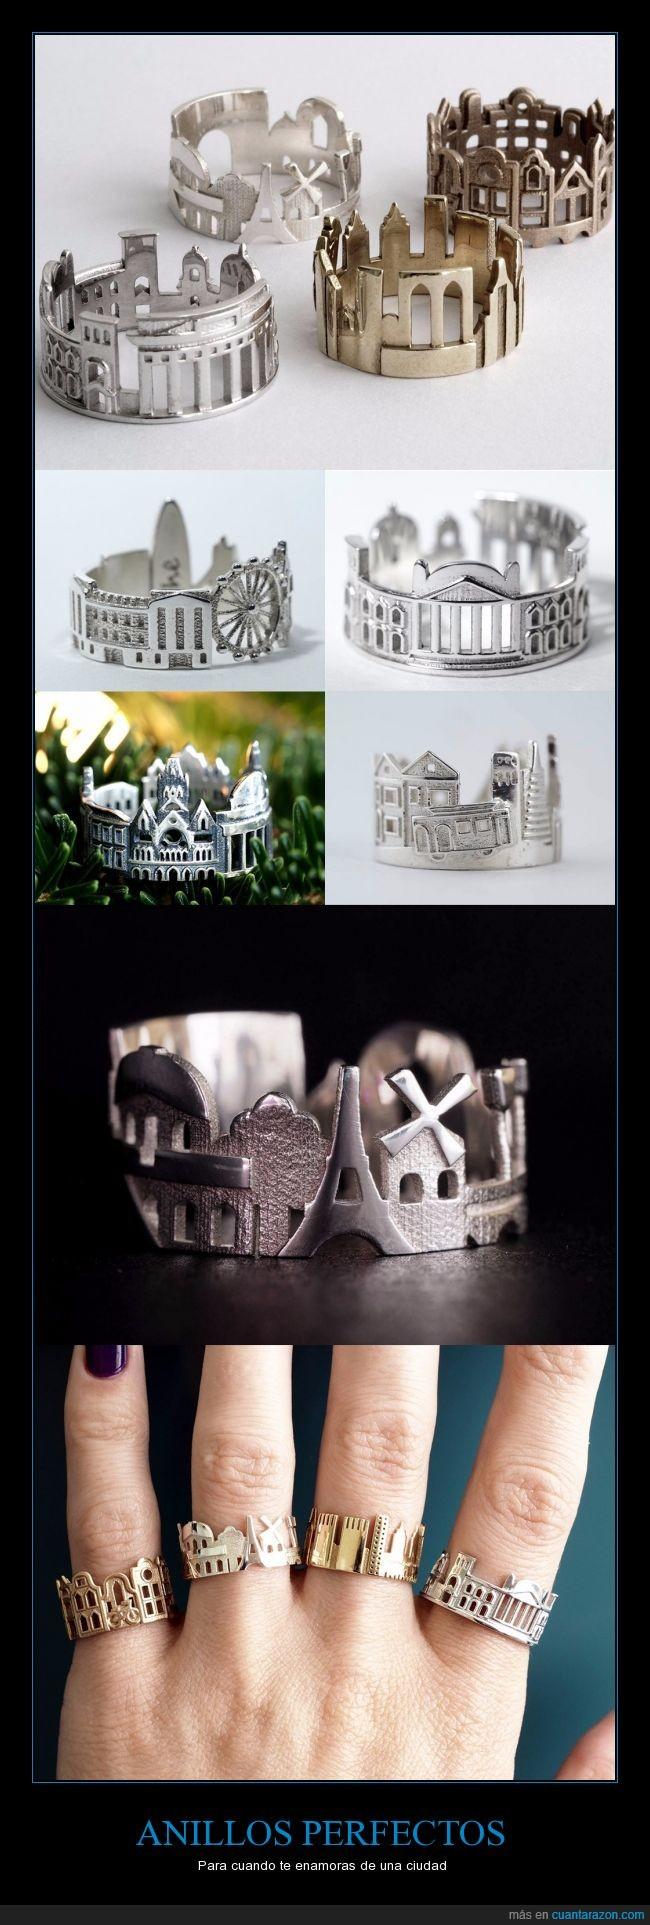 amor,anillo,ciudad,Estados Unidos,Francia,Italia,joya,joyería,nueva york,paisaje,parís,perfecto,roma